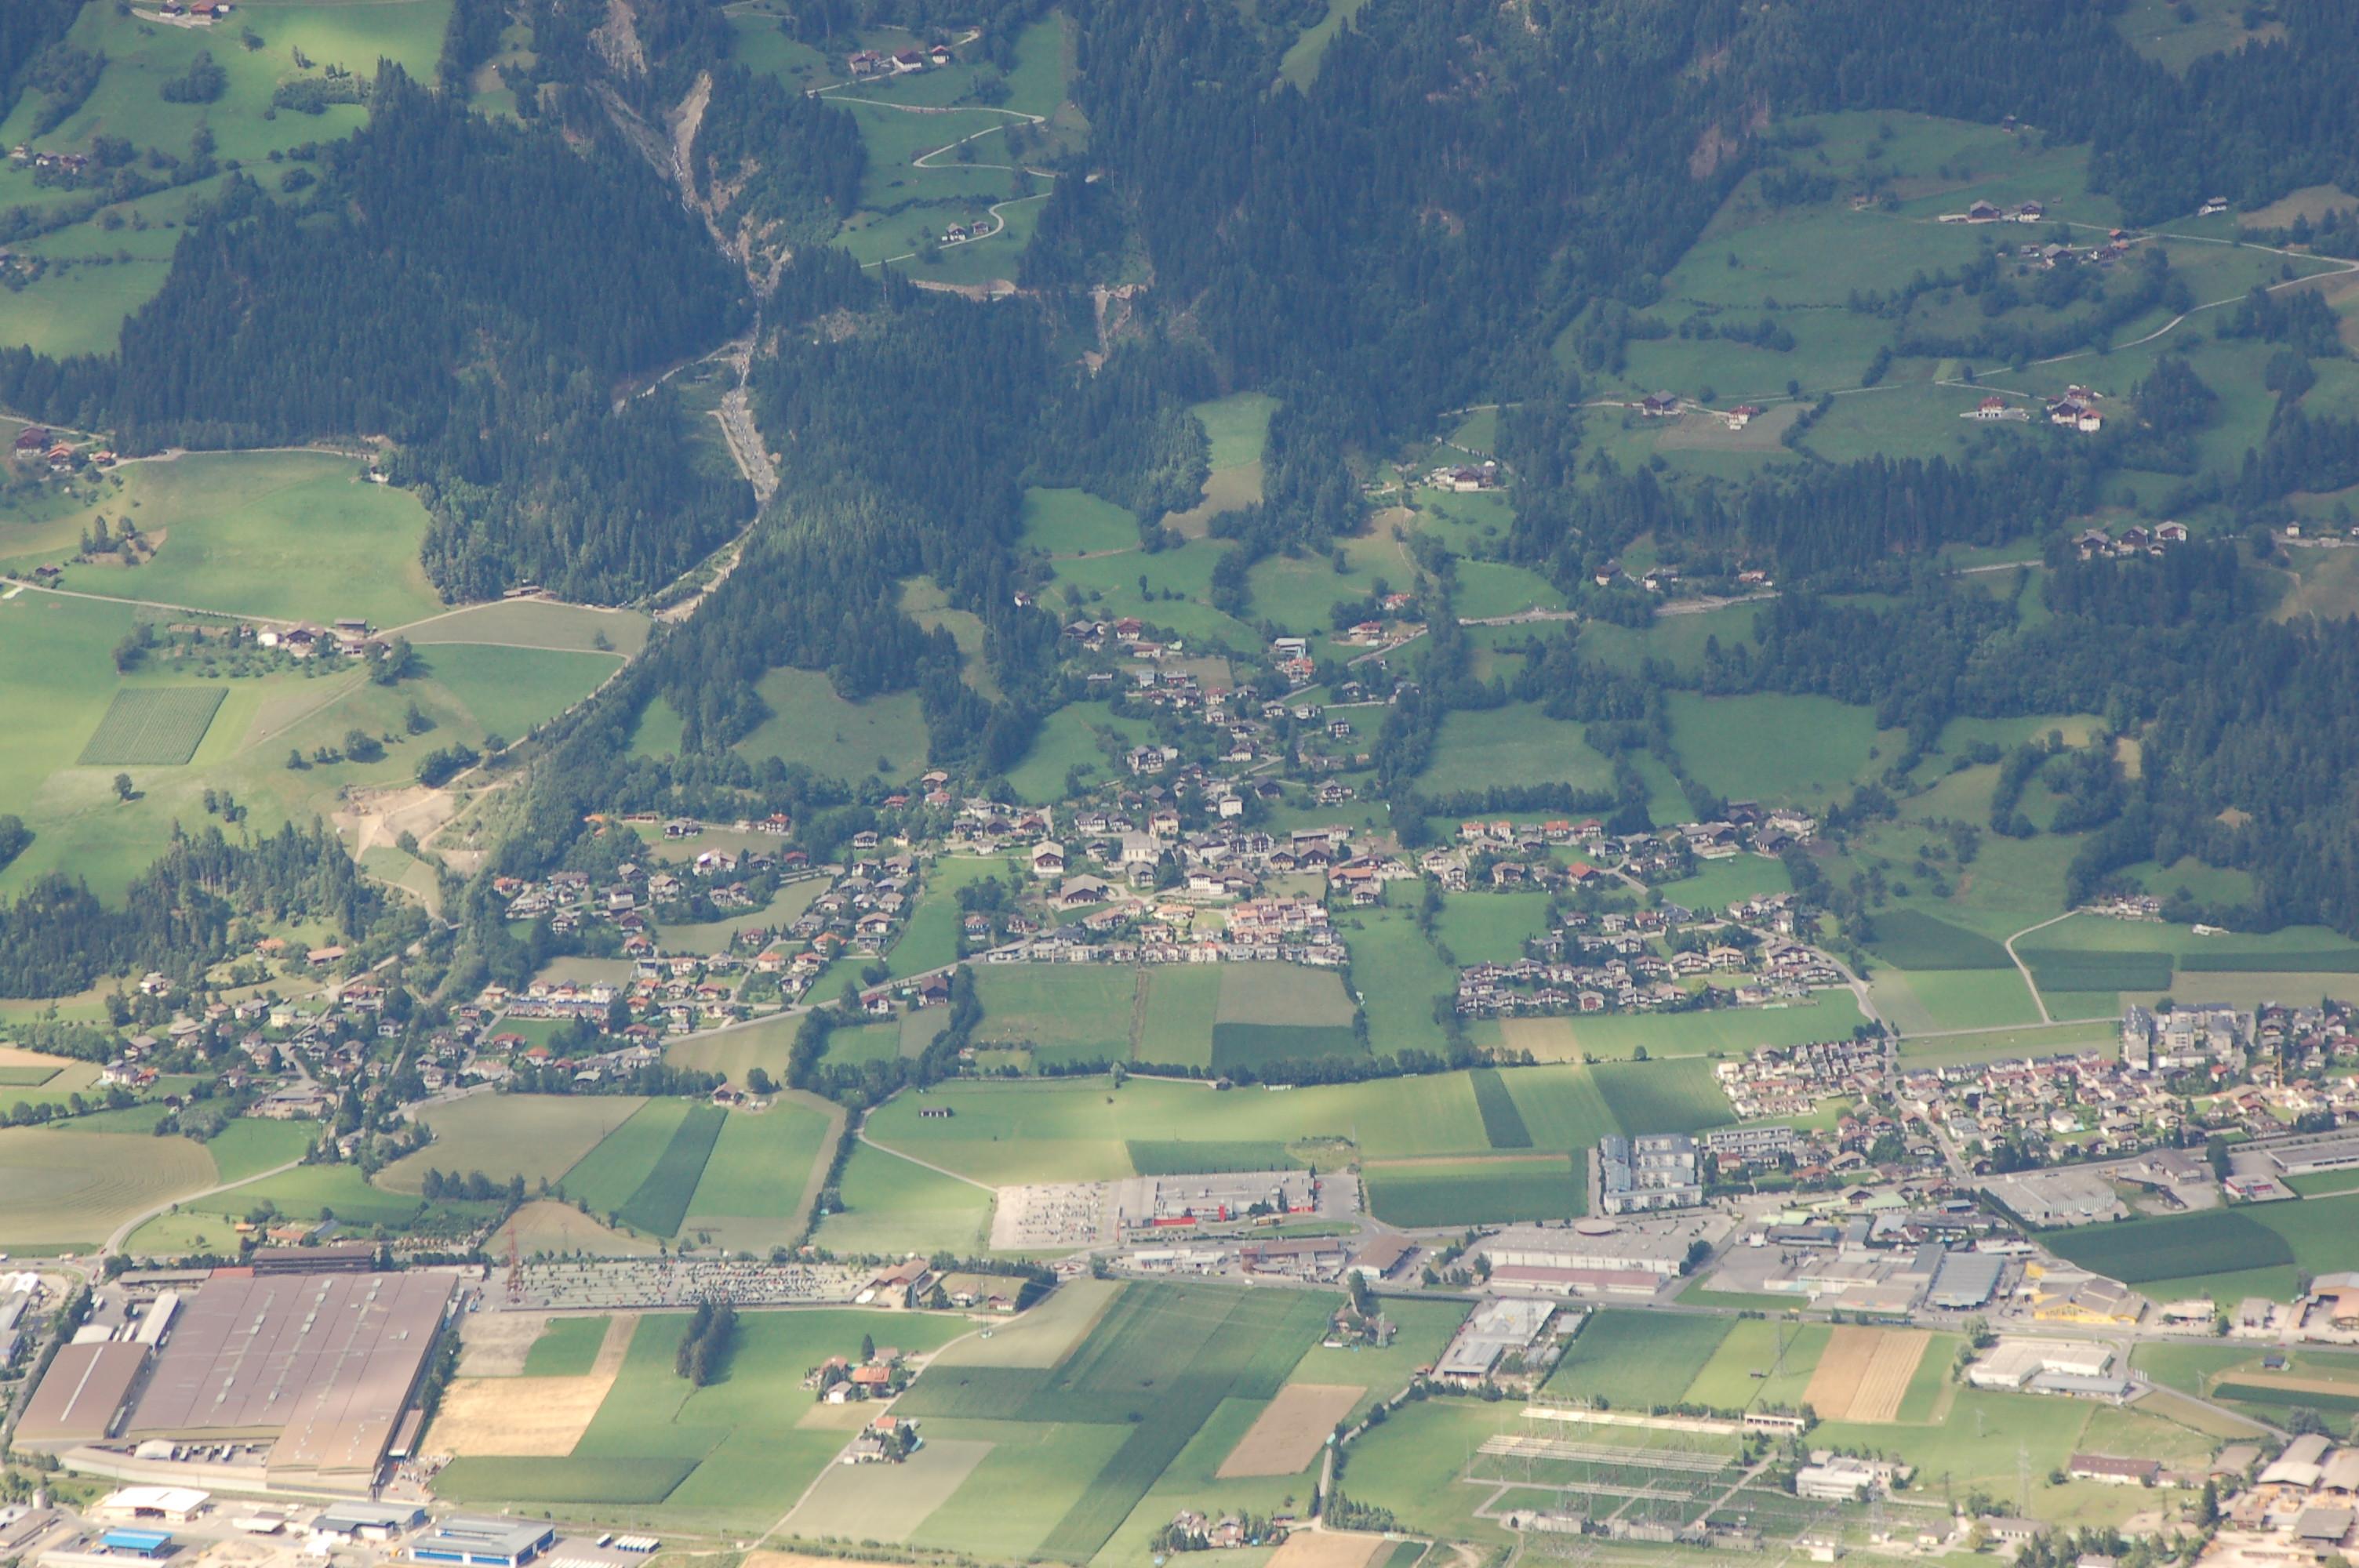 Kontaktanzeigen Nudorf (Lienz) | Locanto Dating Nudorf